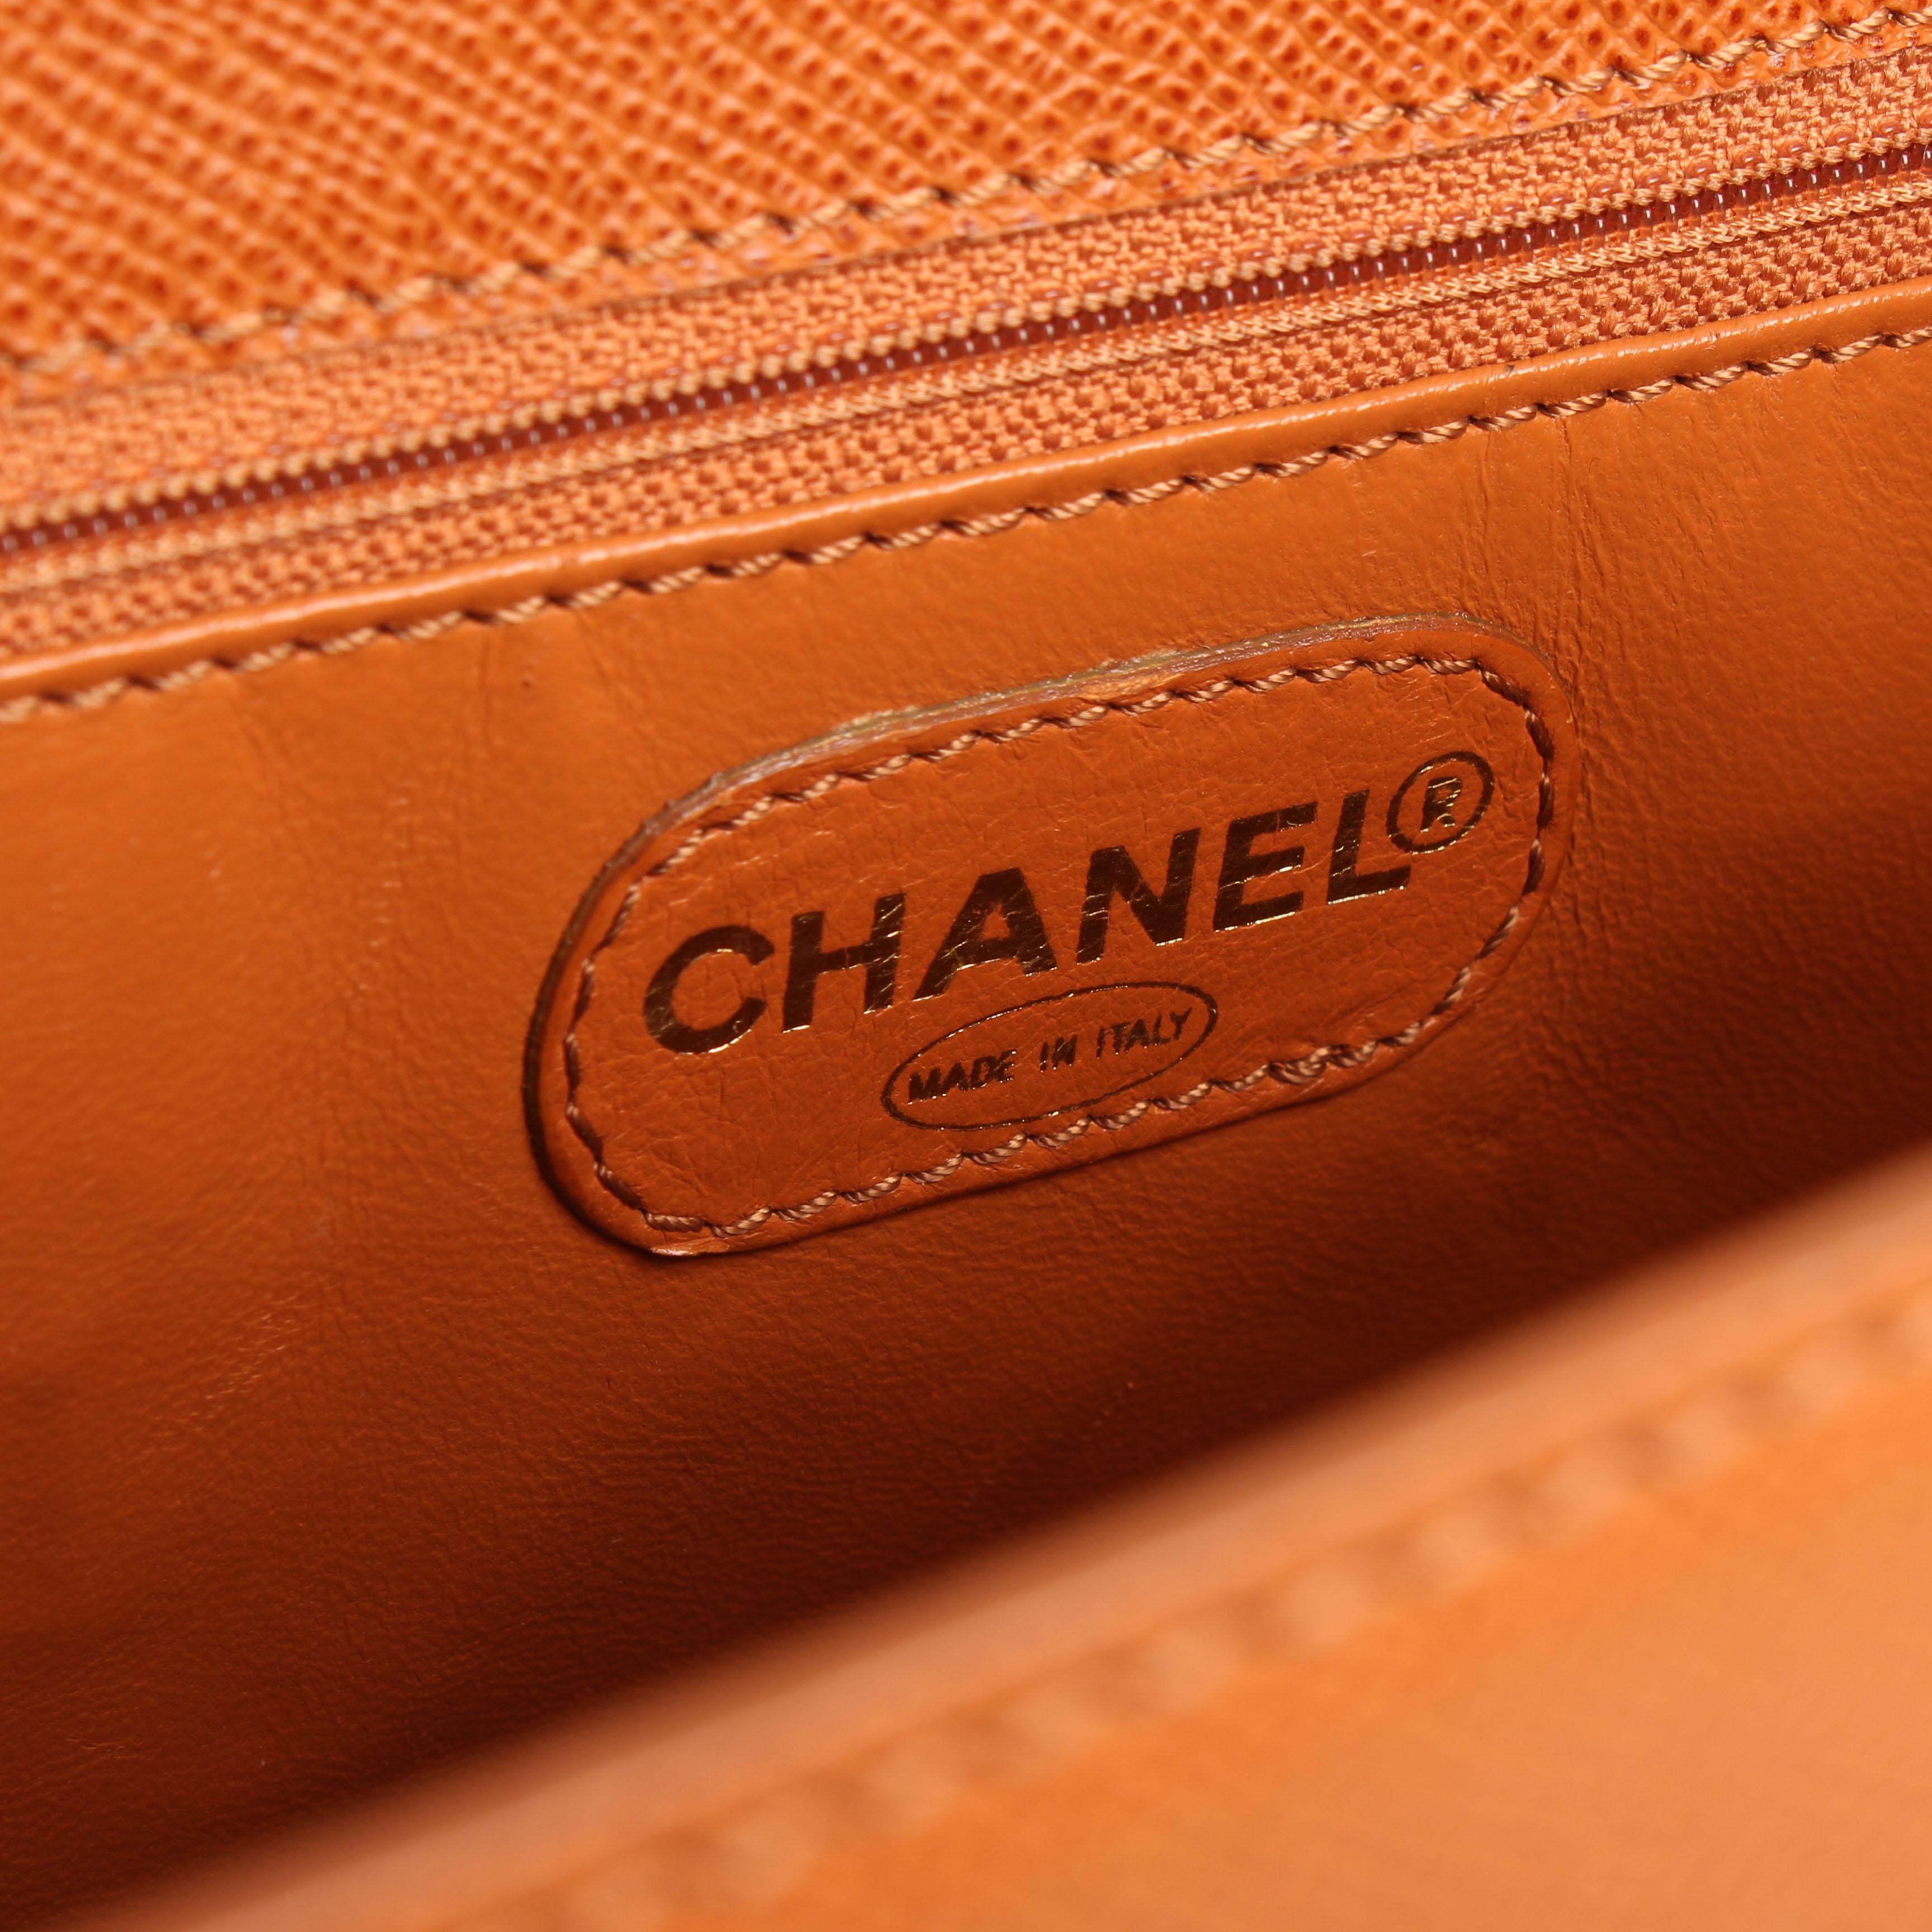 Imagen de la marca del bolso chanel vintage piel granulada camel